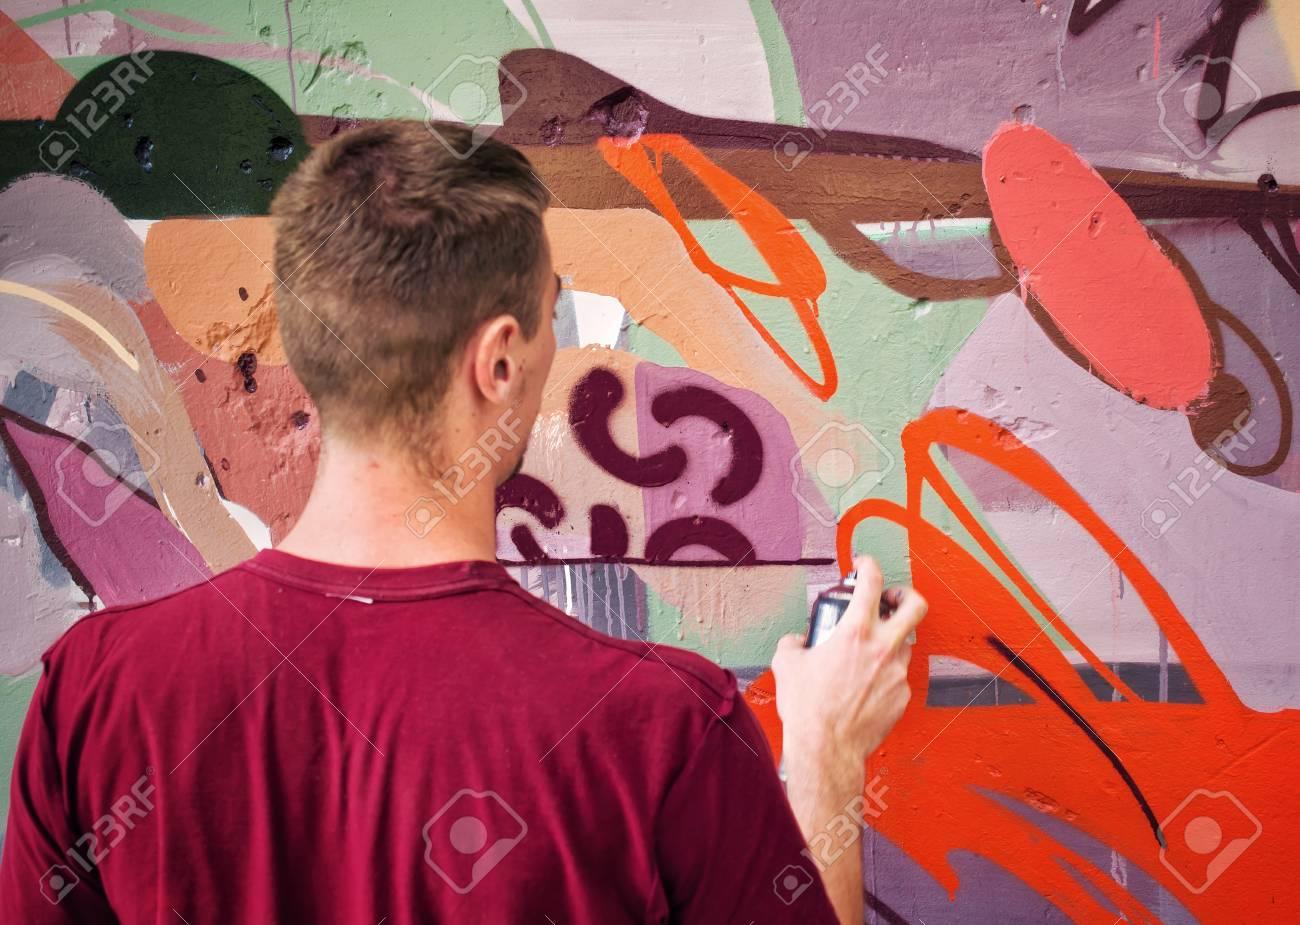 Graffiti on a wall. - 88297030